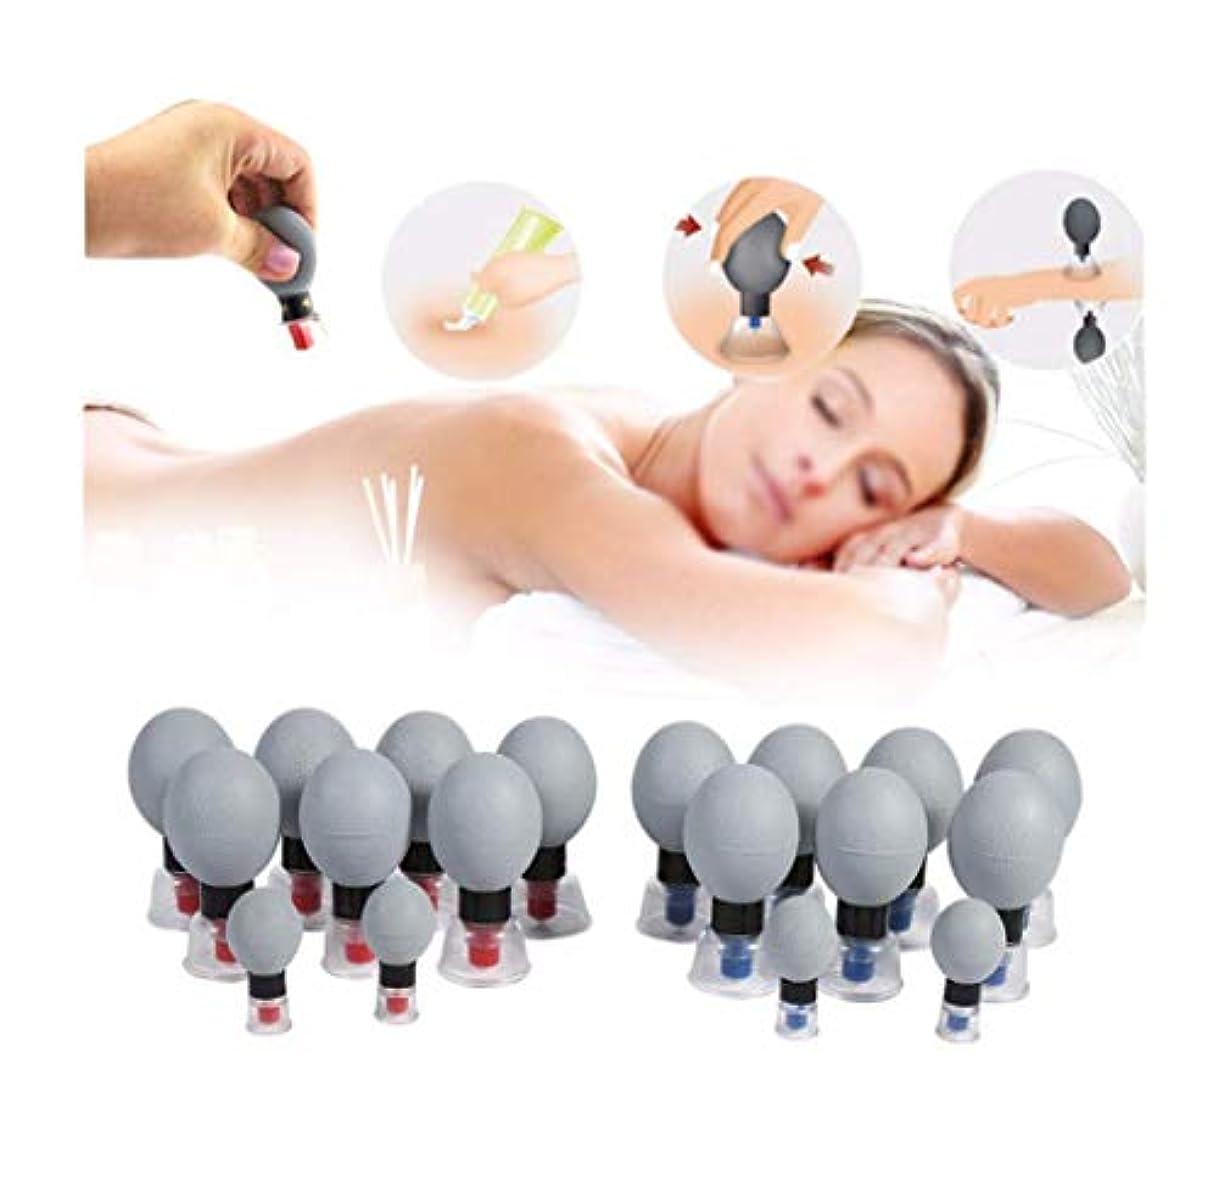 疲労徴収習熟度真空カッピングセット、TCM磁気療法指圧吸引カップ、マッサージ筋肉関節痛を軽減する鍼灸マッサージジャー,18pieces